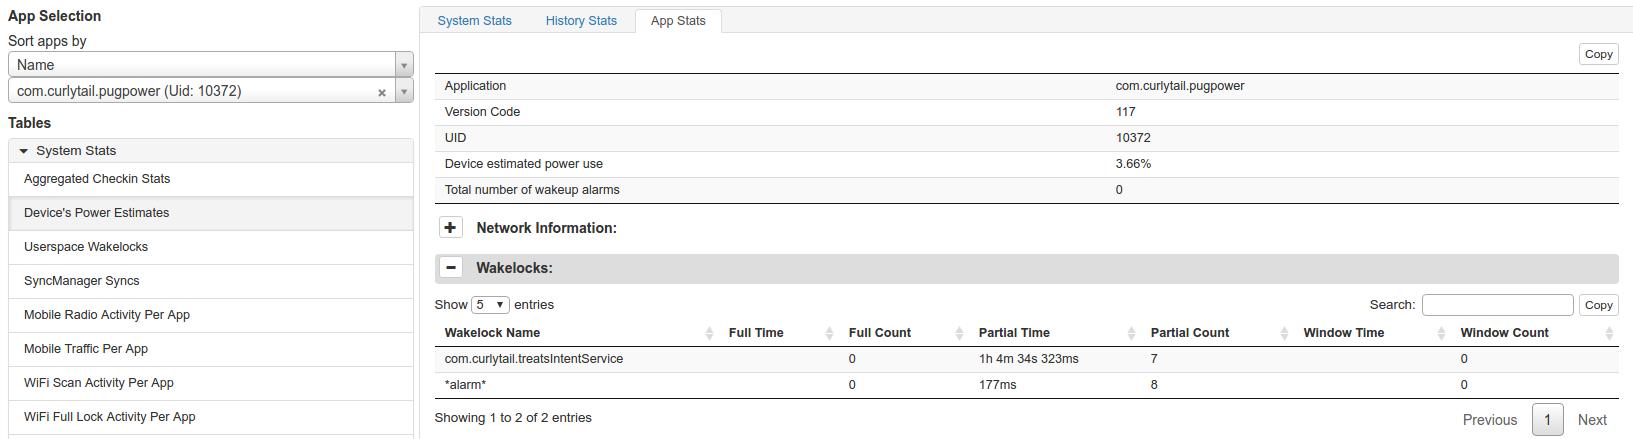 虚构应用 Pugle Power 的表格数据。